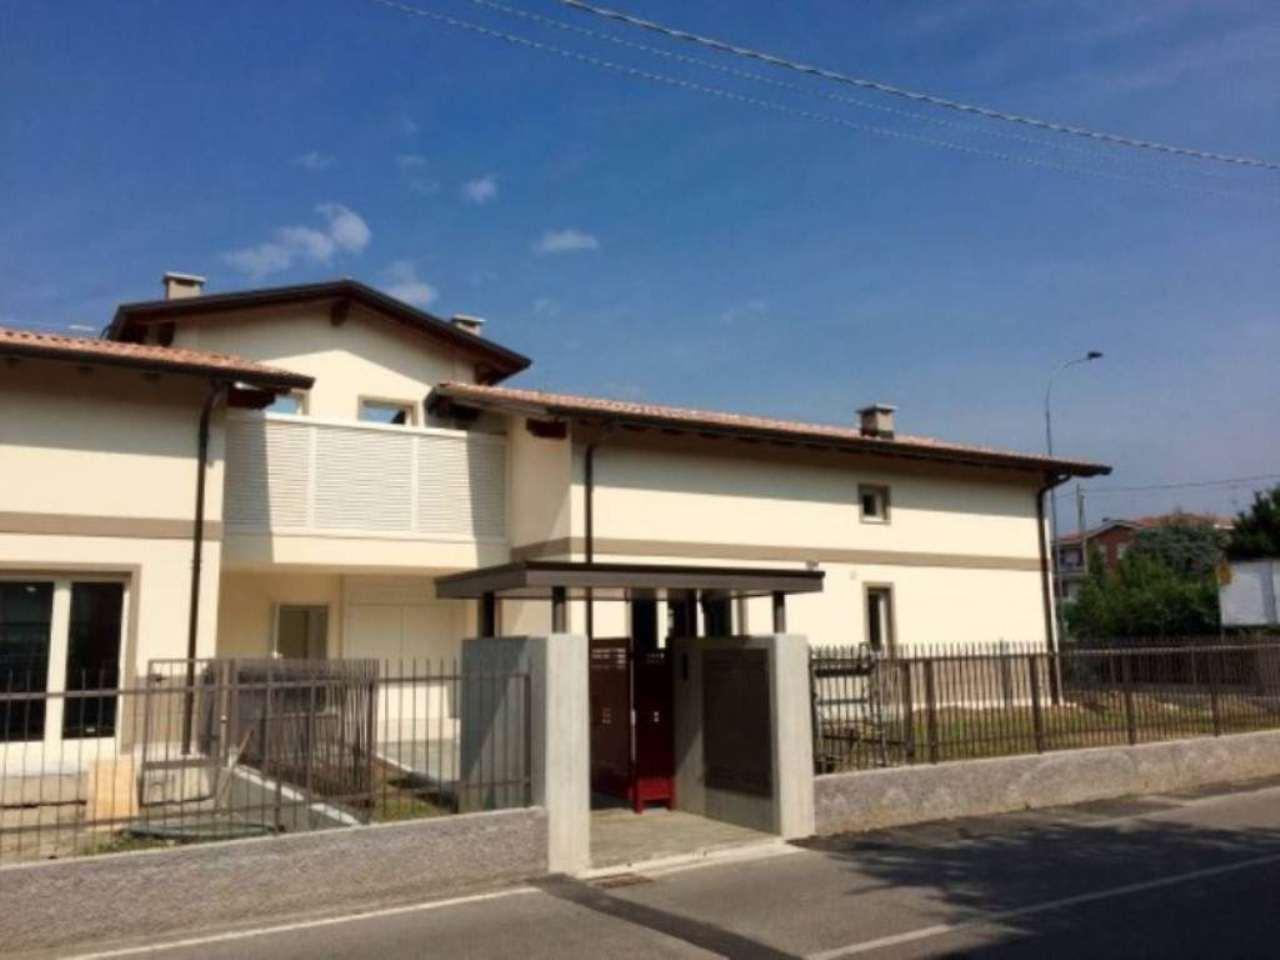 Attico / Mansarda in vendita a Osnago, 3 locali, prezzo € 250.000 | Cambio Casa.it